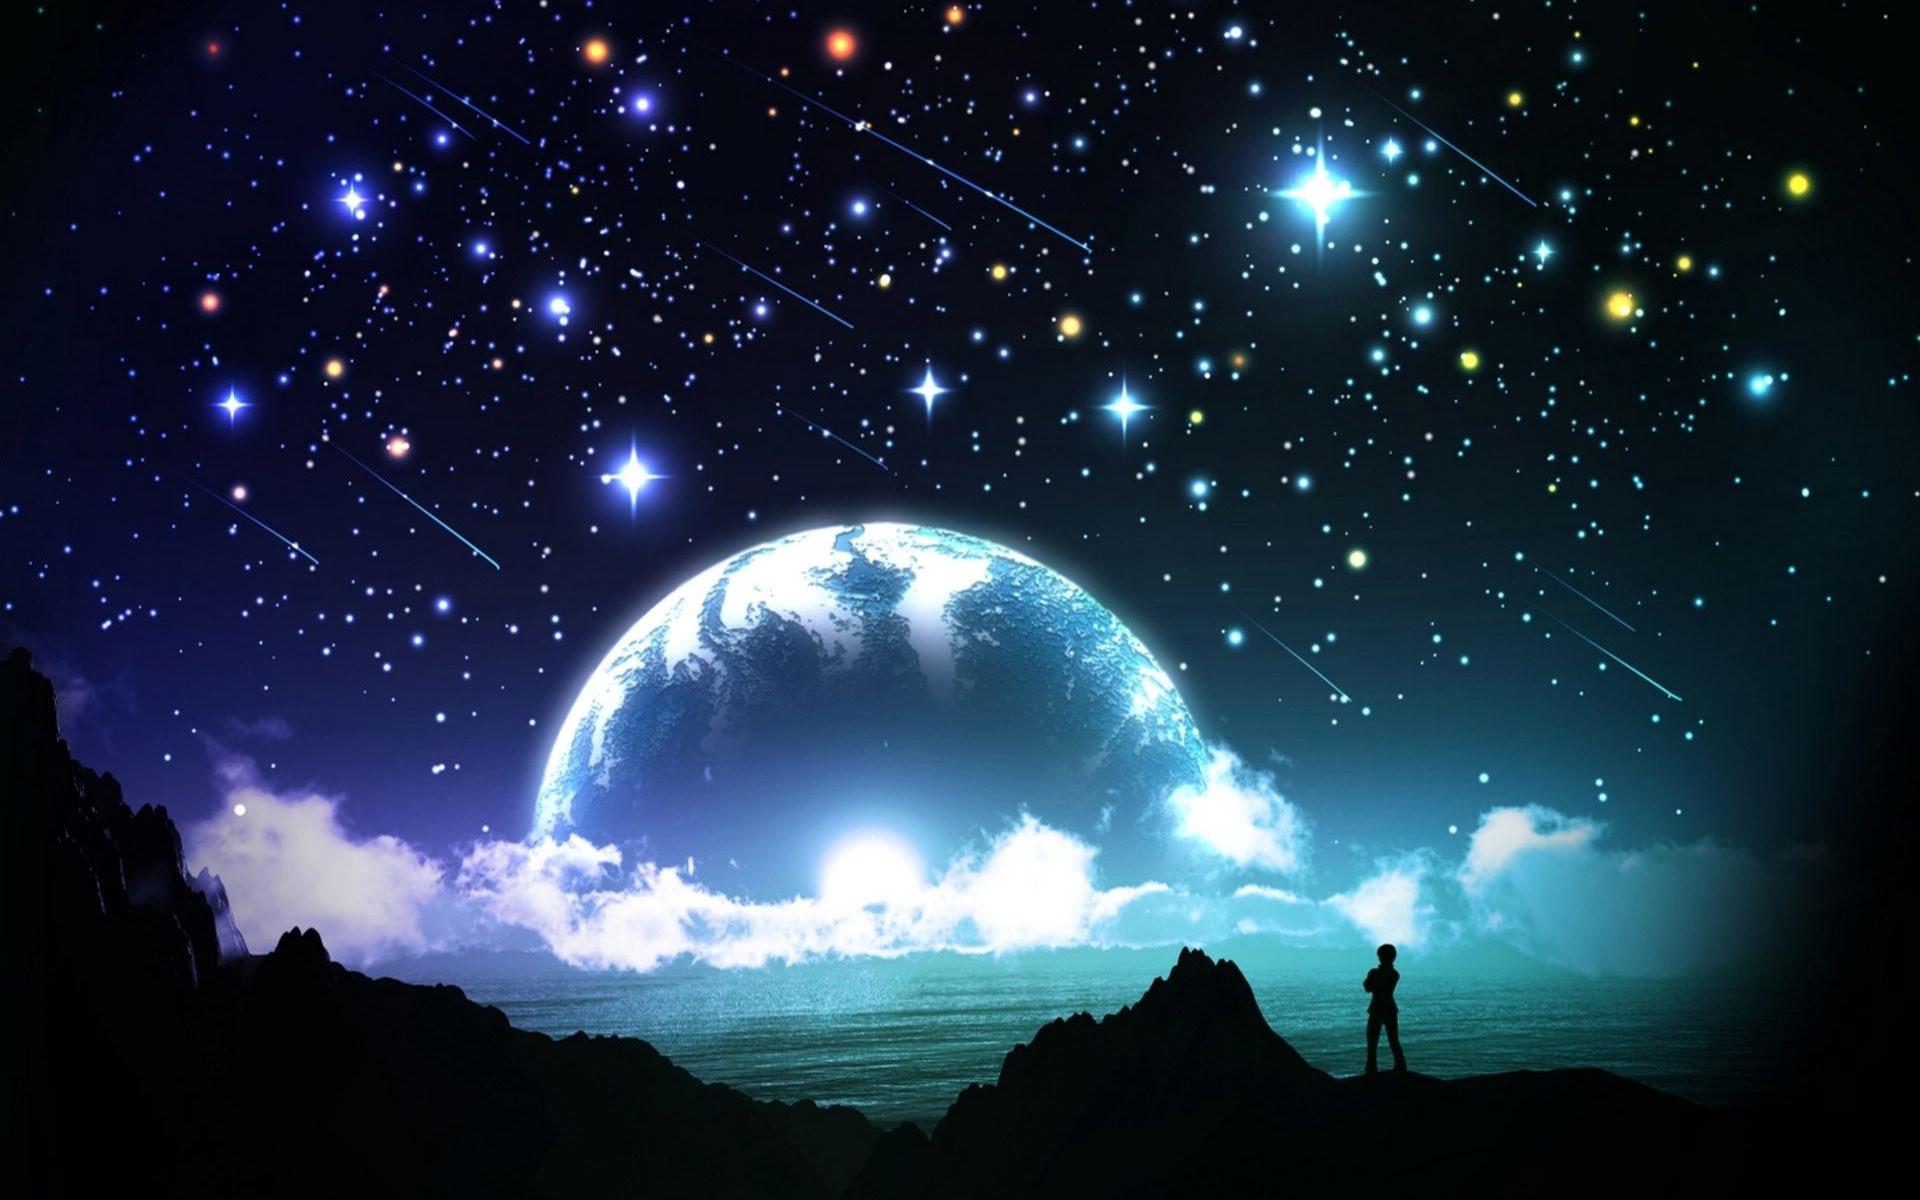 Hình nền bầu trời đêm đầy sao đẹp lung linh